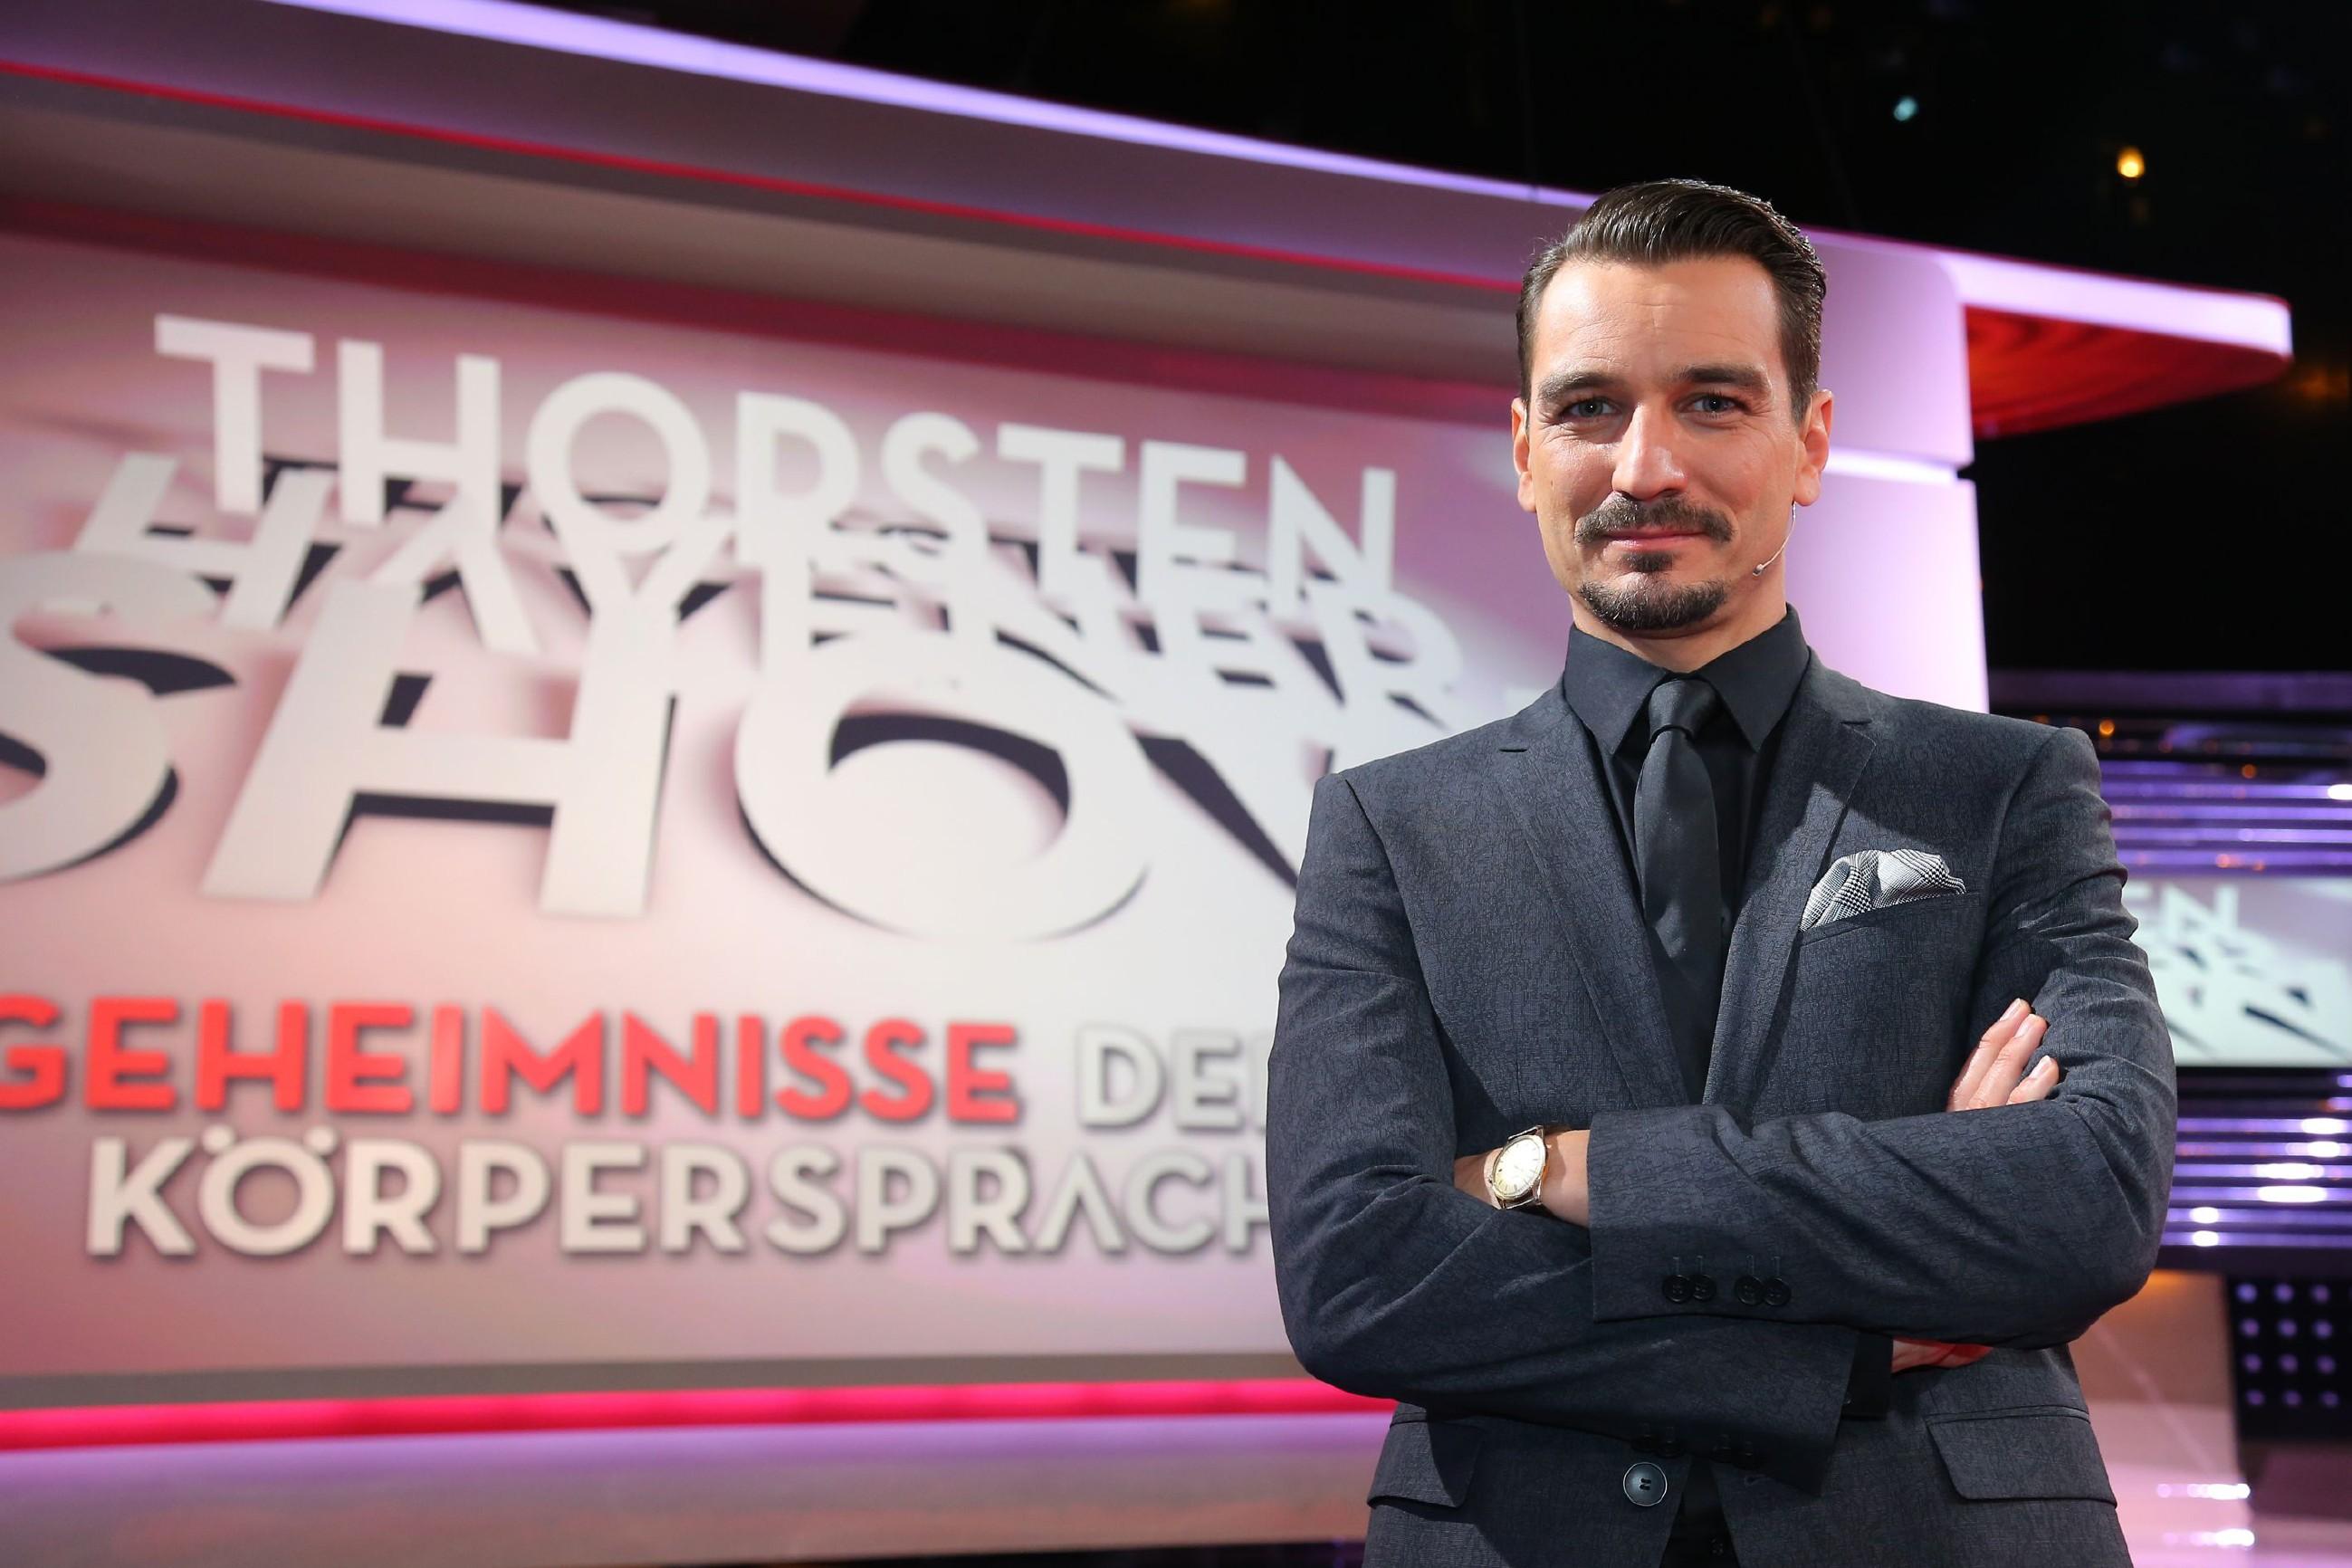 Die thorsten havener show heute abend bei rtl stars on tv for Spiegel tv themen heute abend